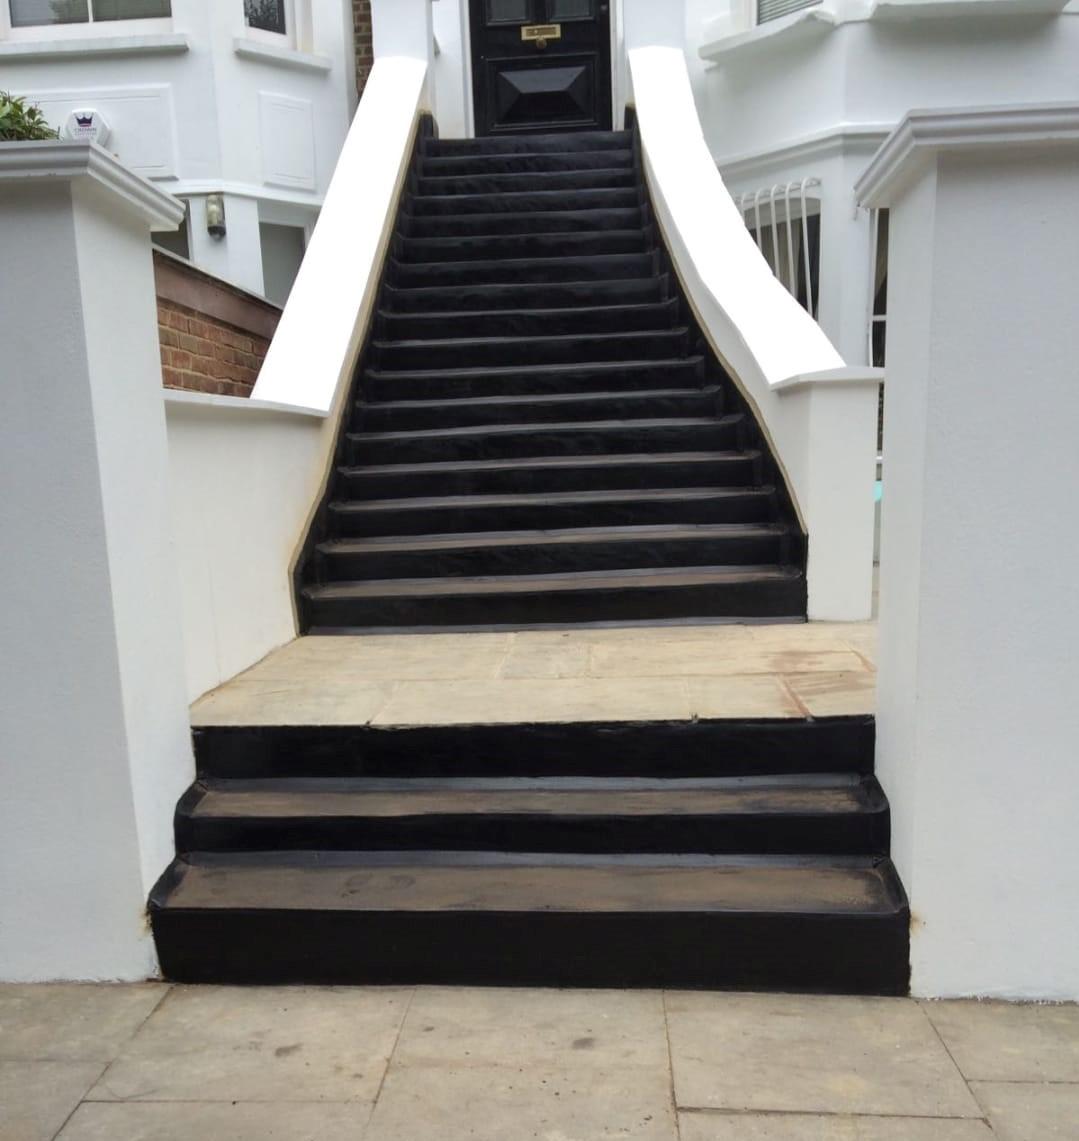 Asphalt Steps London Uk Rj Evans Flat Roofing Limited